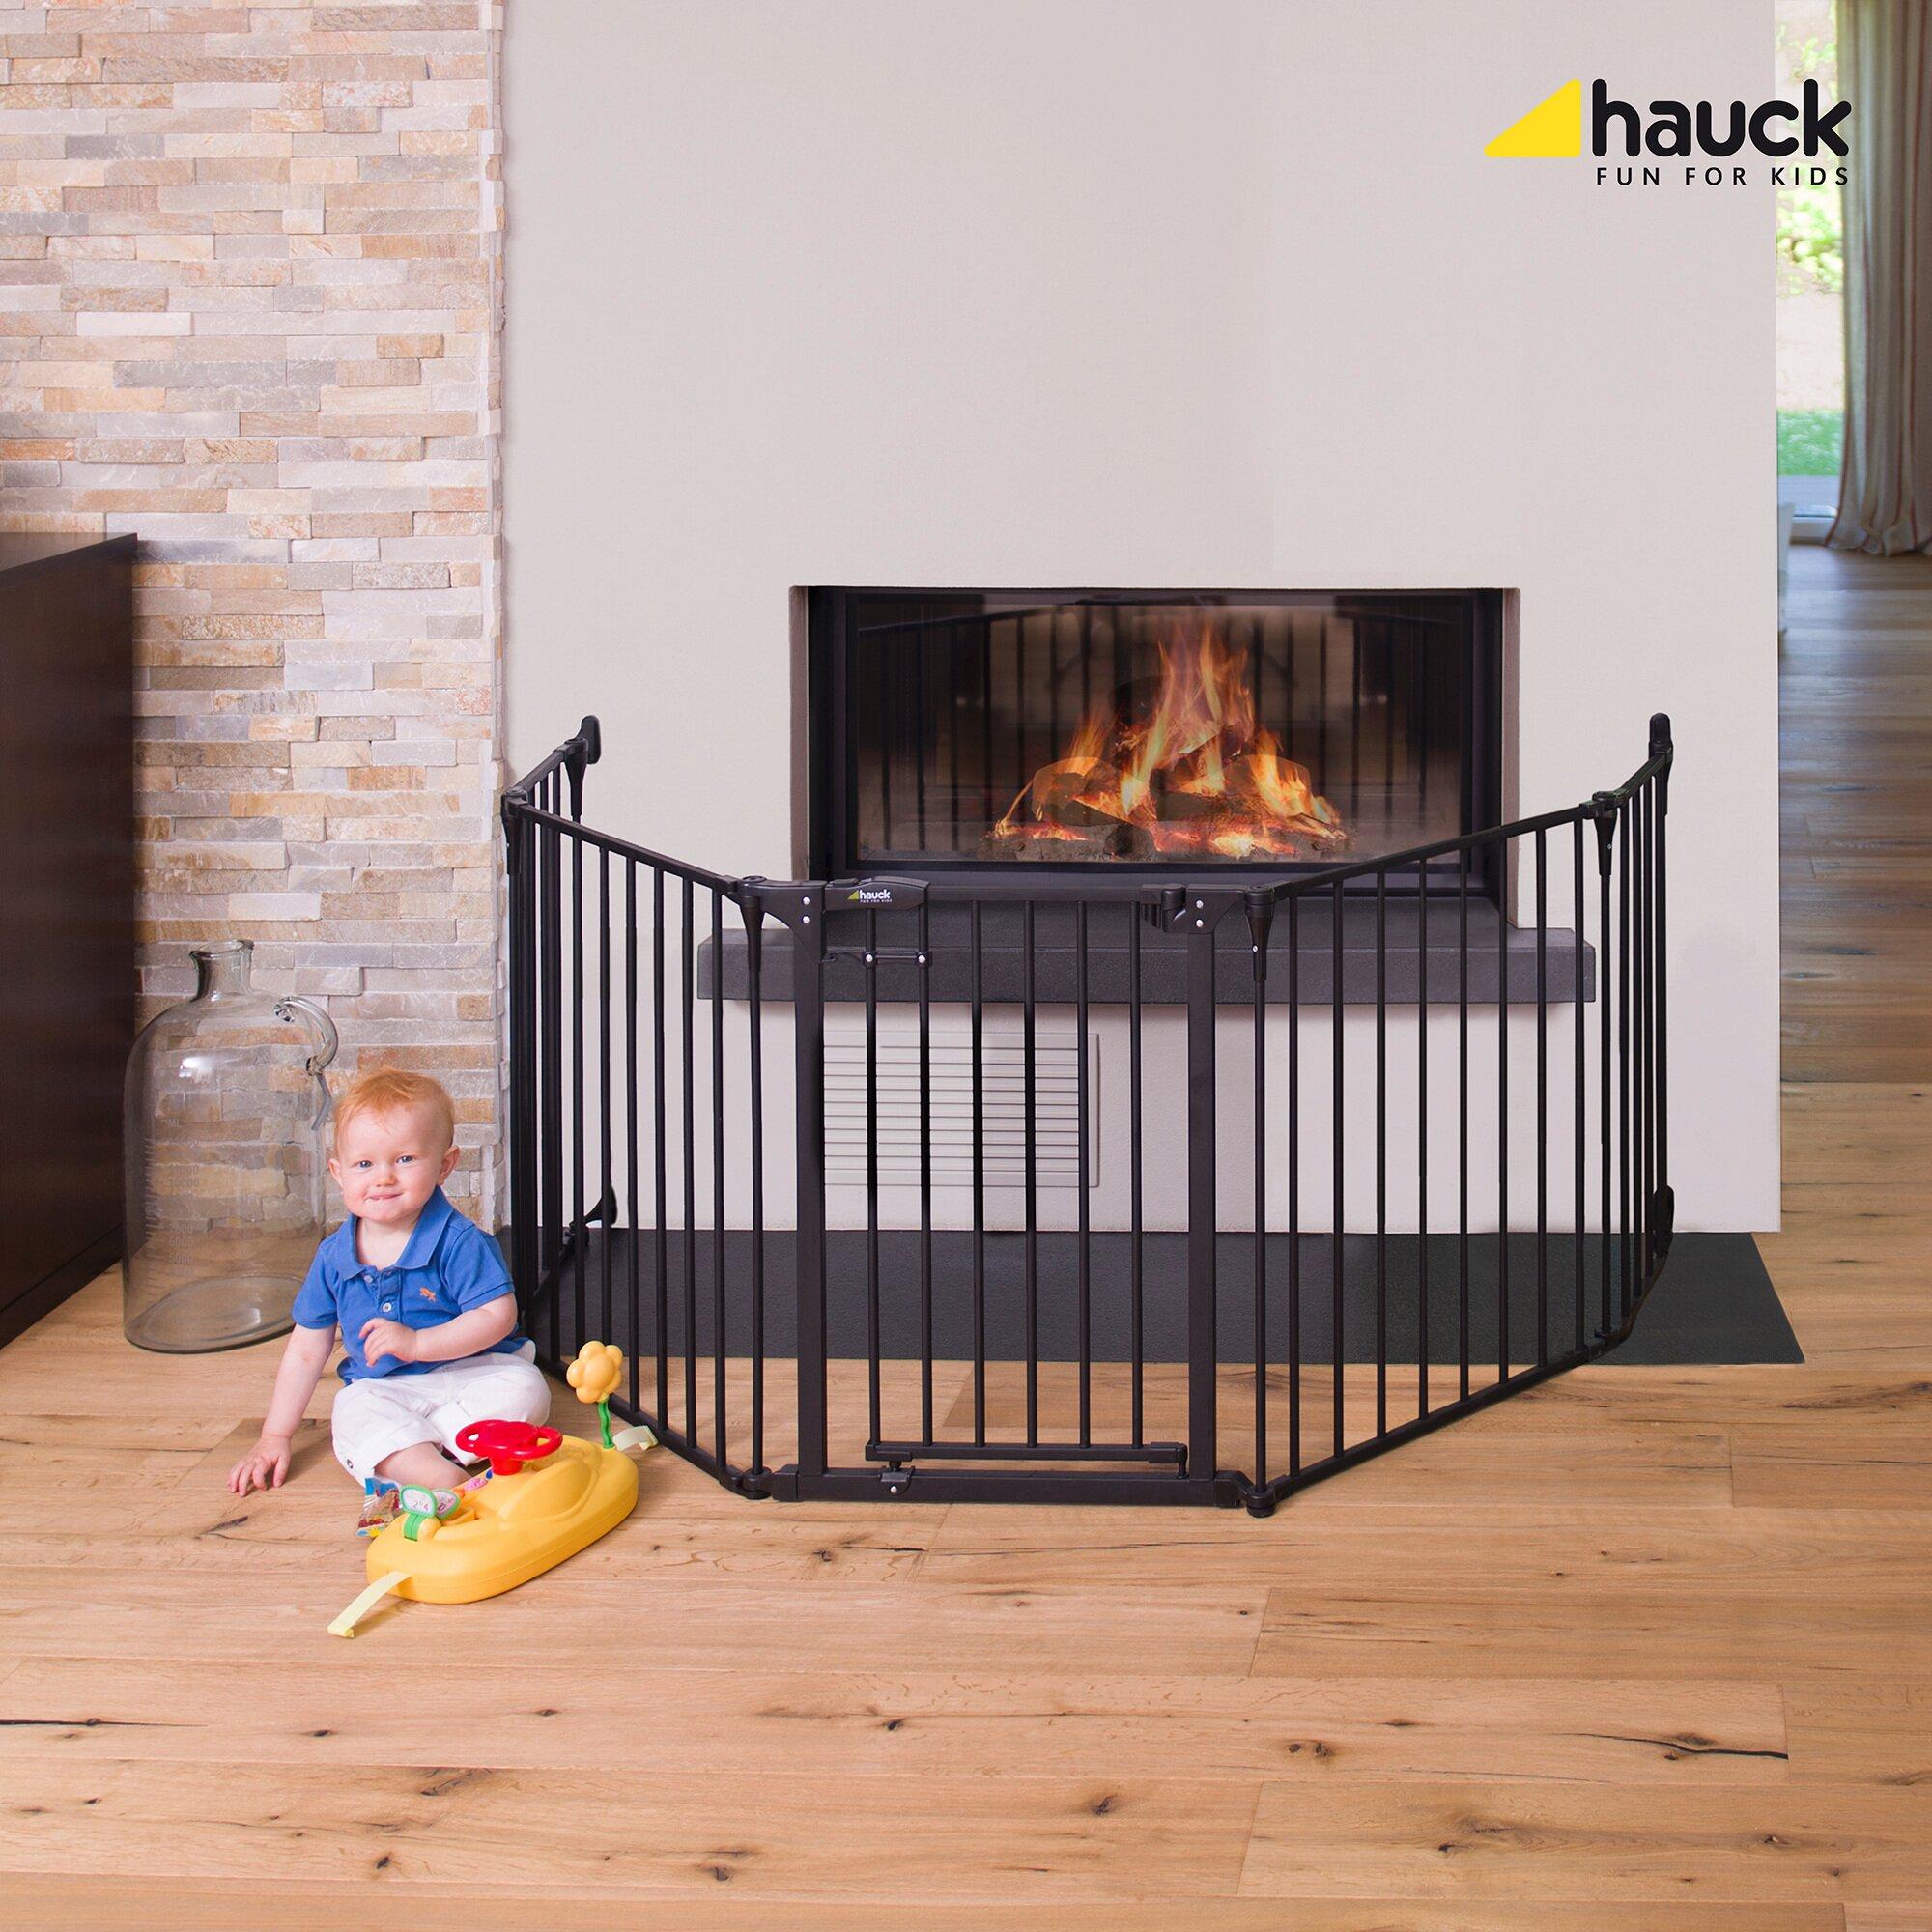 hauck-kaminschutzgitter-fireplace-guard-xl